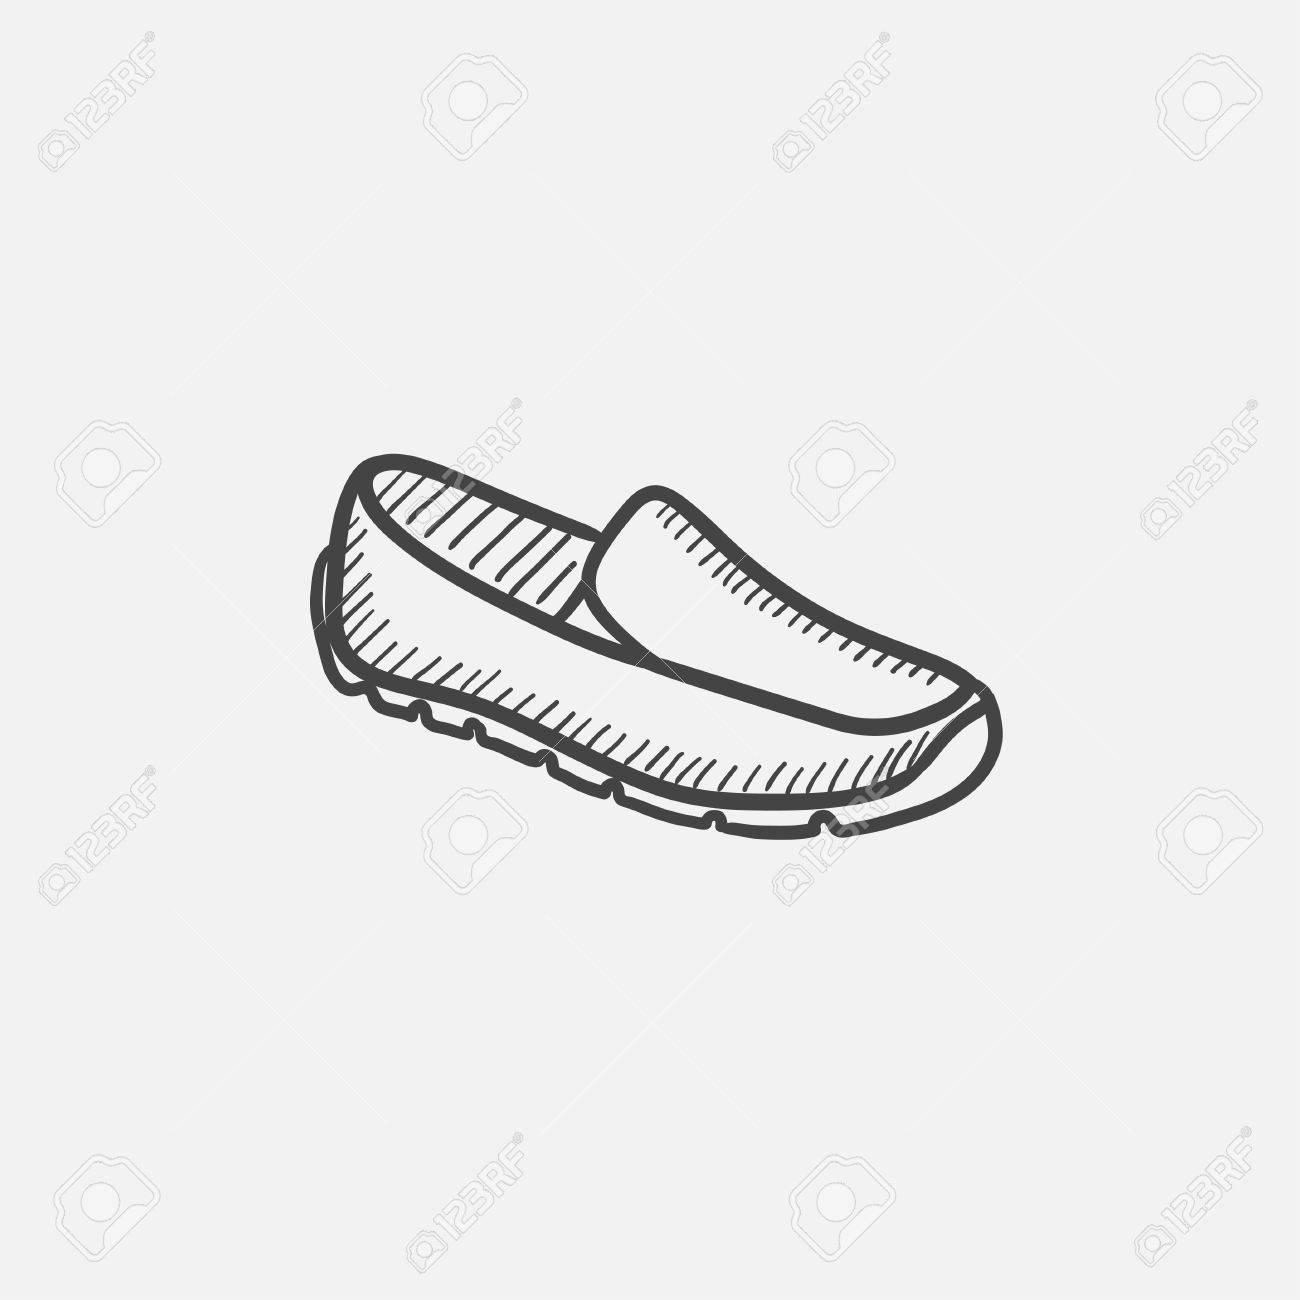 Hombre dibujo icono del zapato para web, móvil y la infografía. aislado vector dibujado a mano icono.